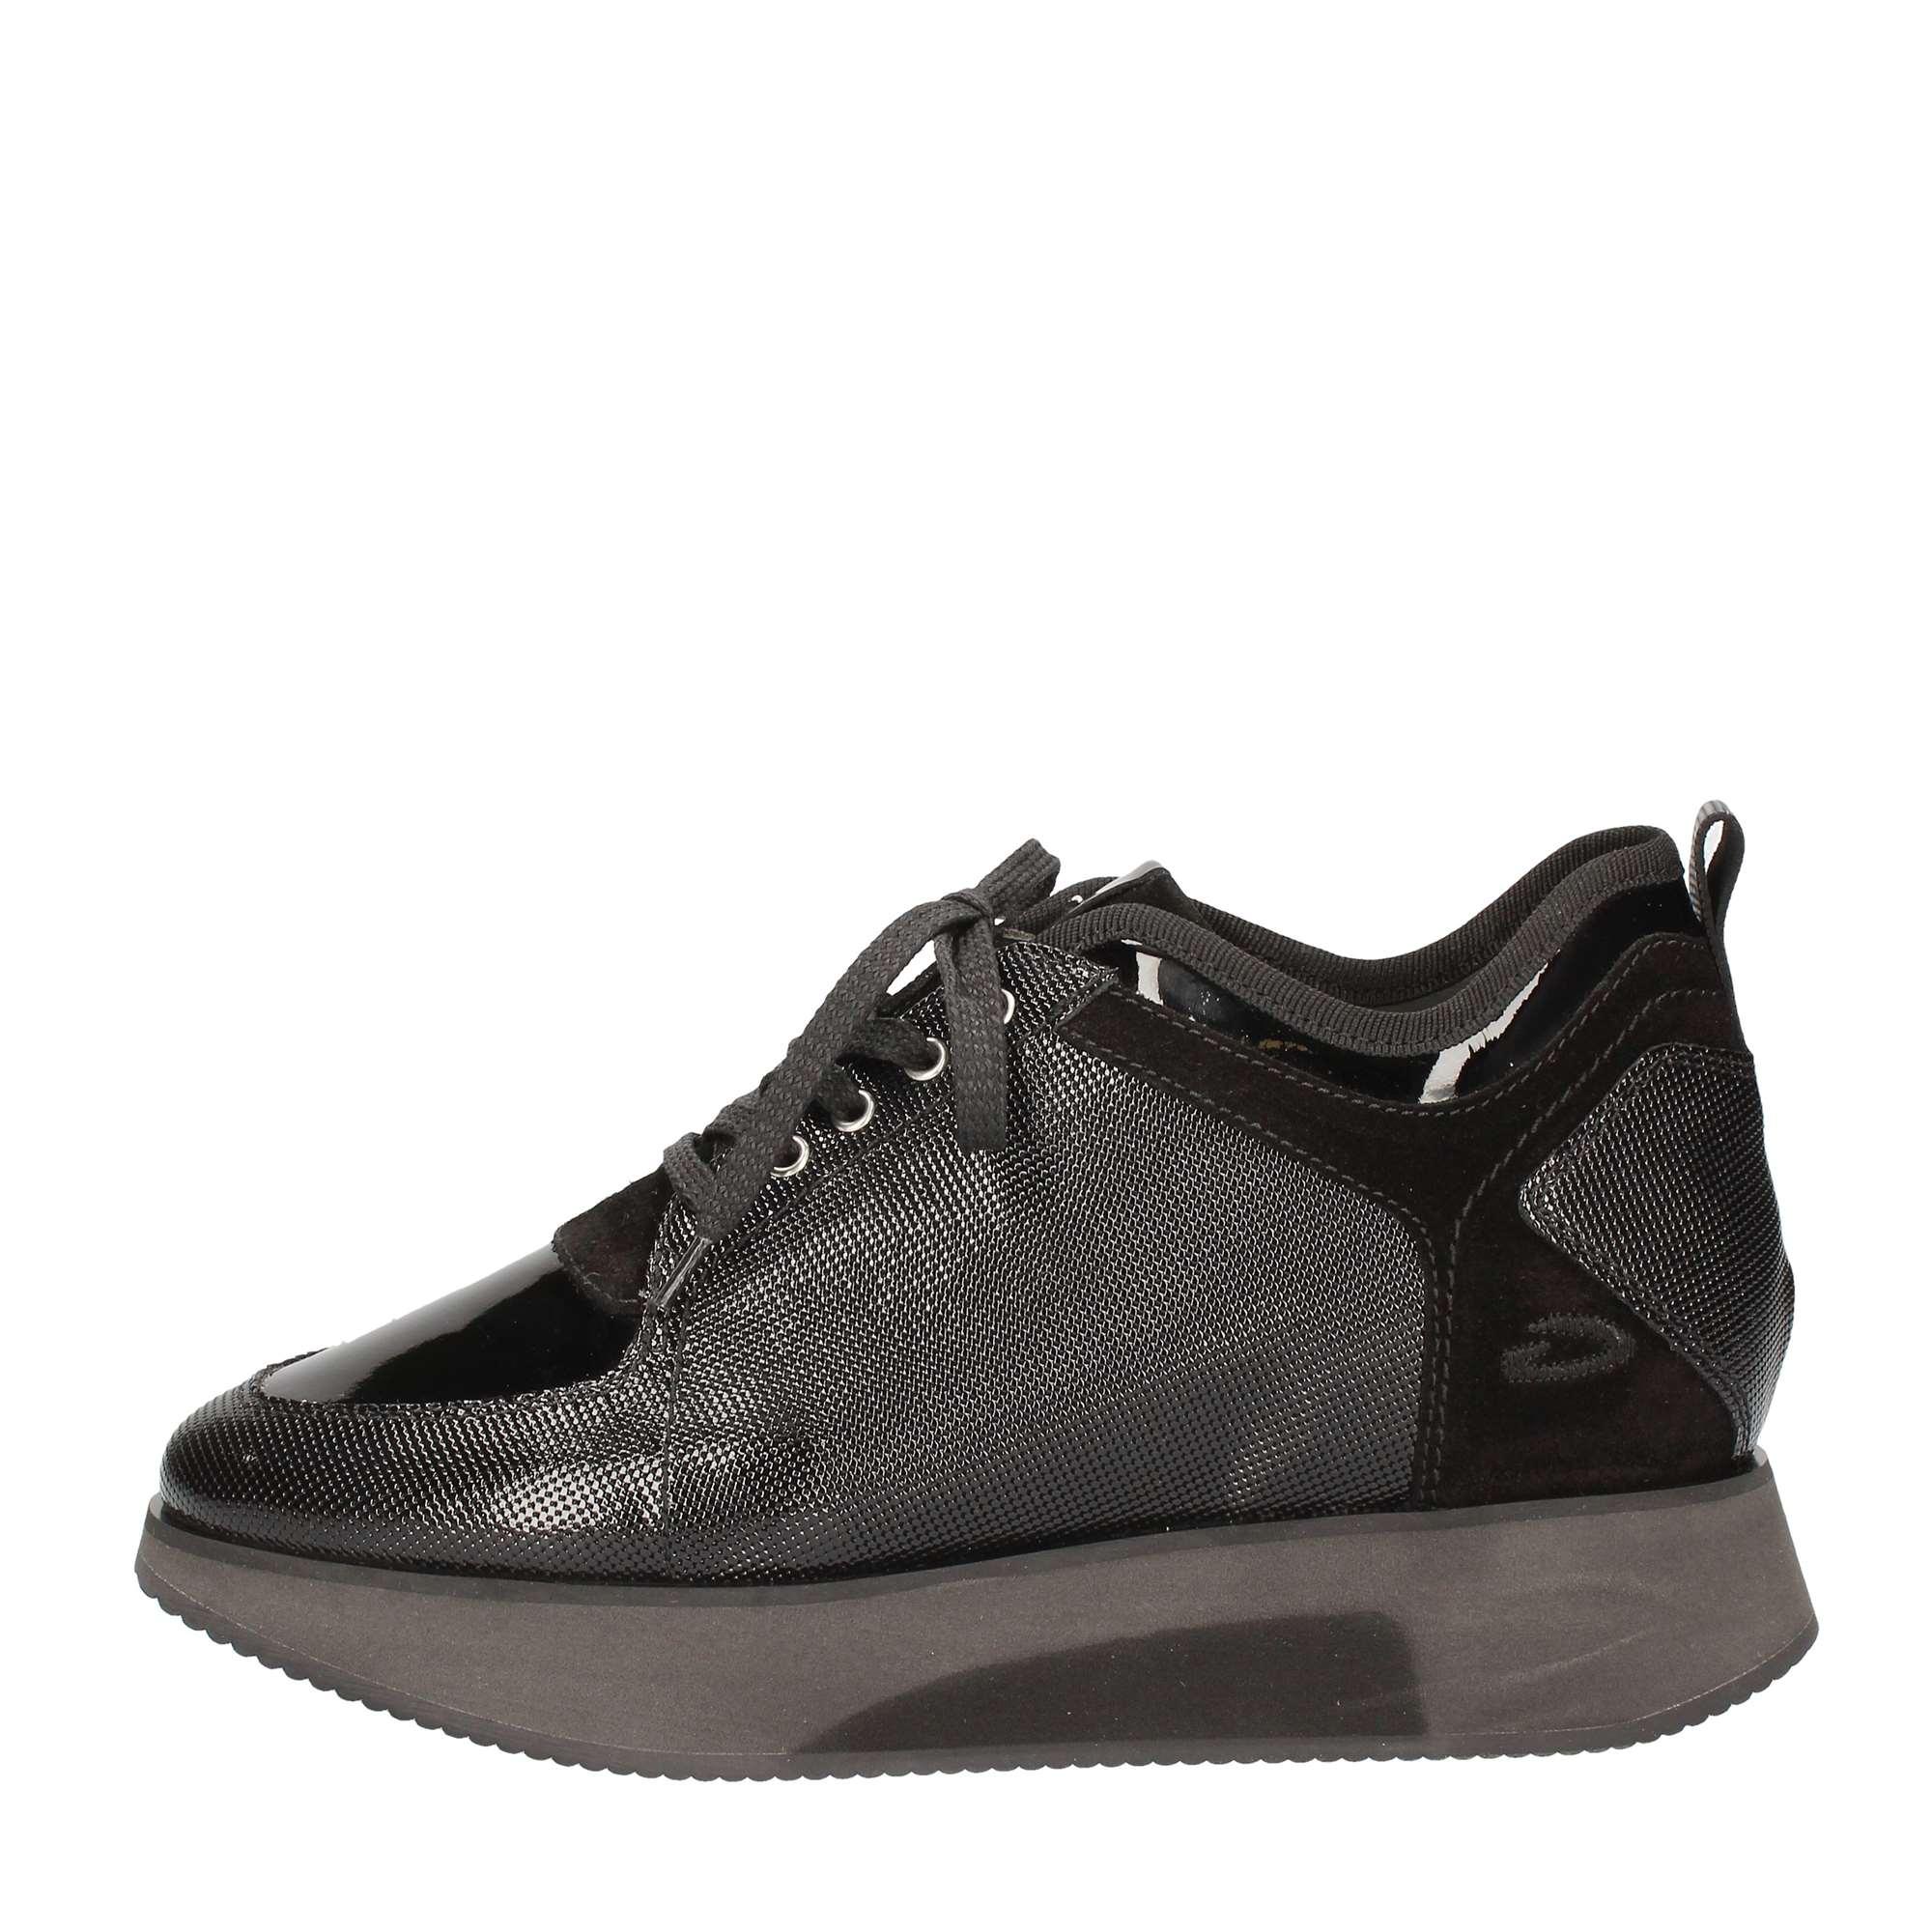 5a25a125c3 Alberto Guardiani Sneakers Donna SD57545D | Acquista ora su ...